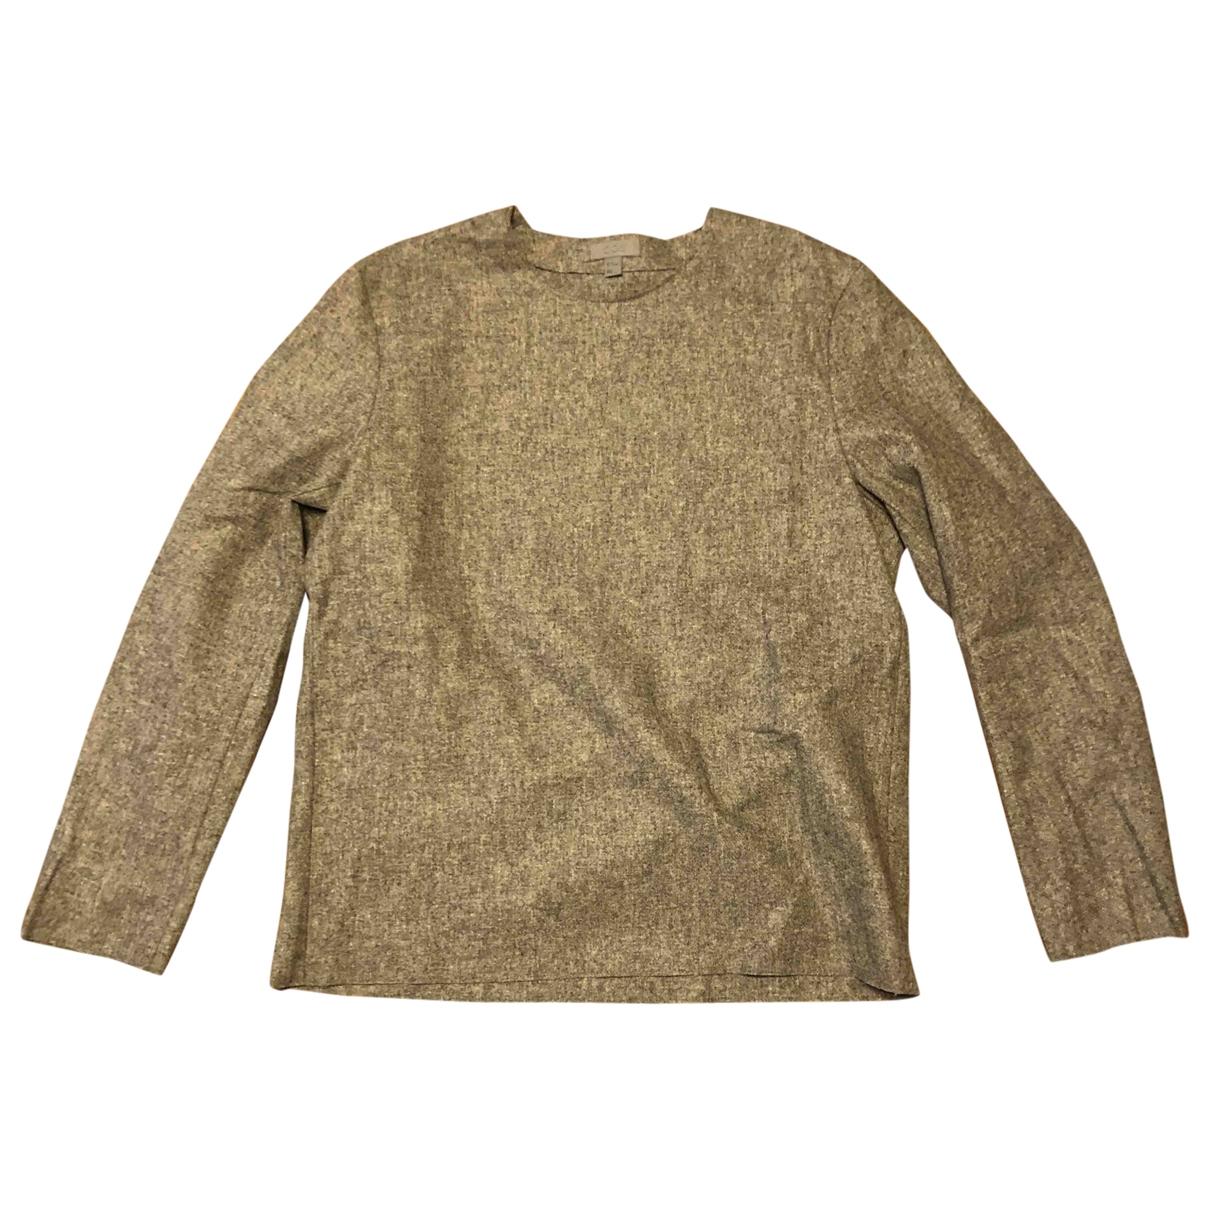 Cos \N Hemden in  Grau Wolle